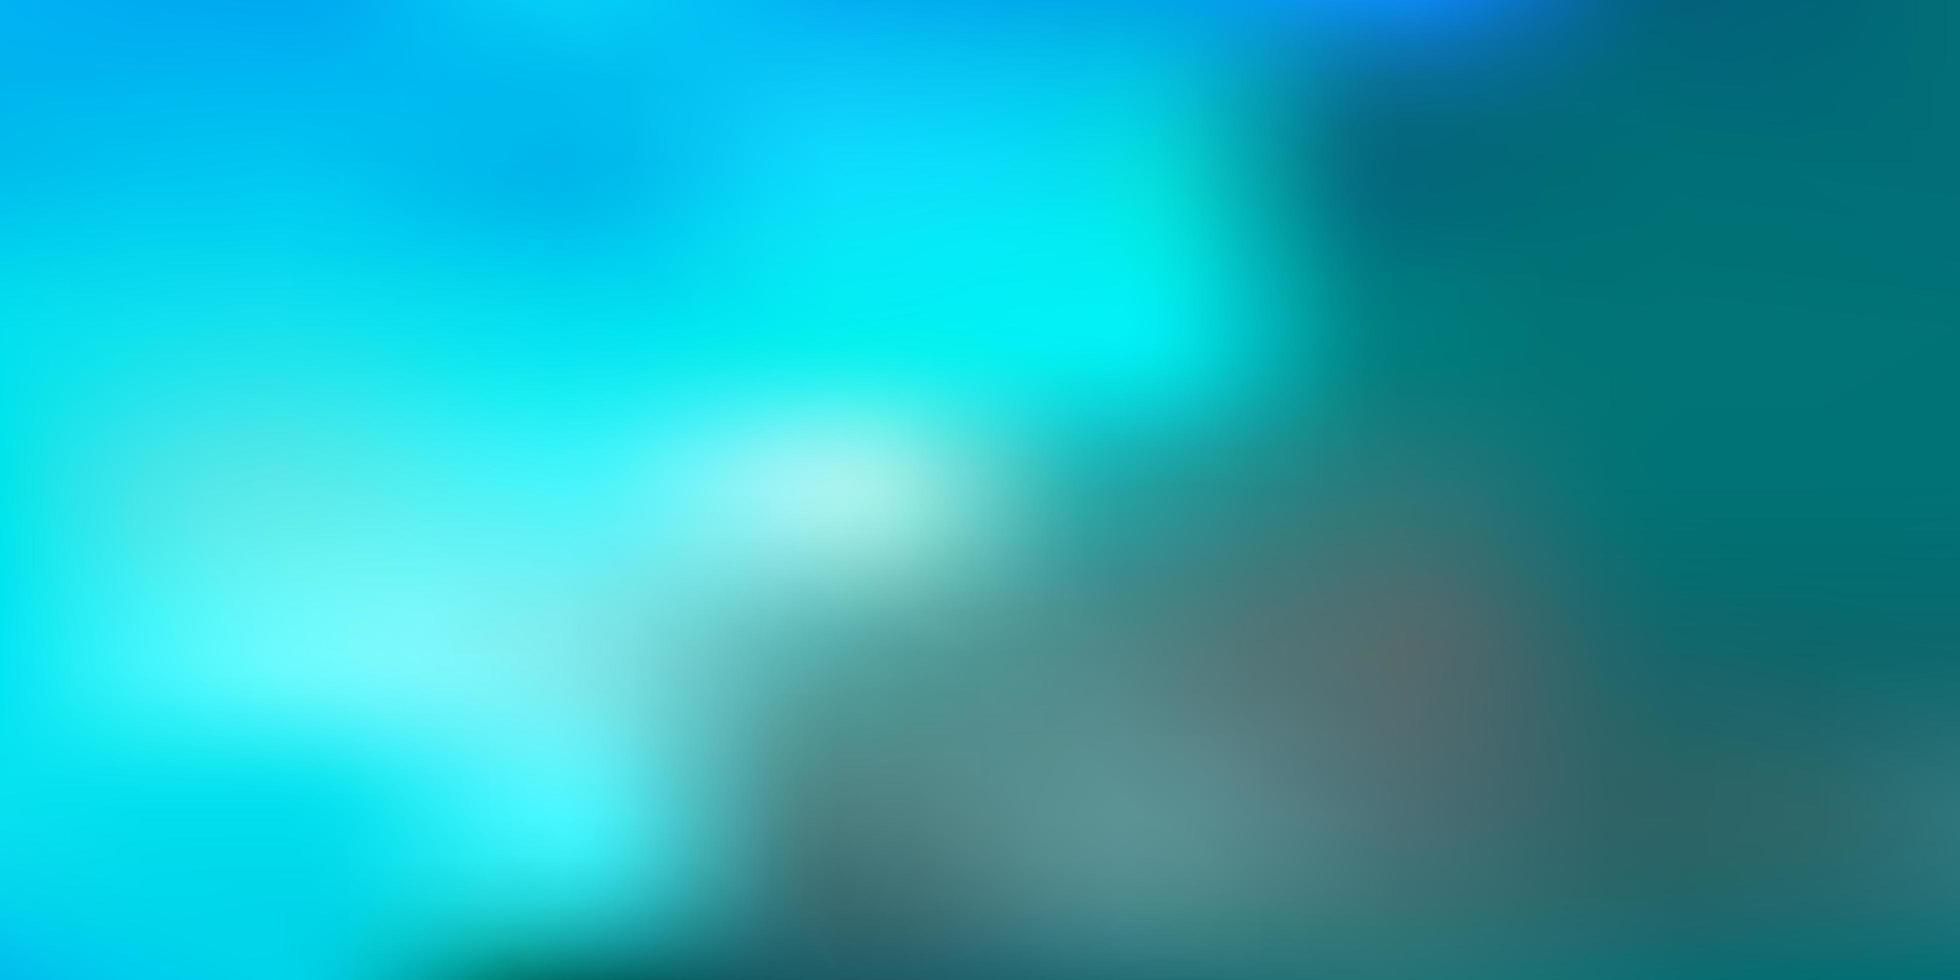 Light blue vector blur texture.